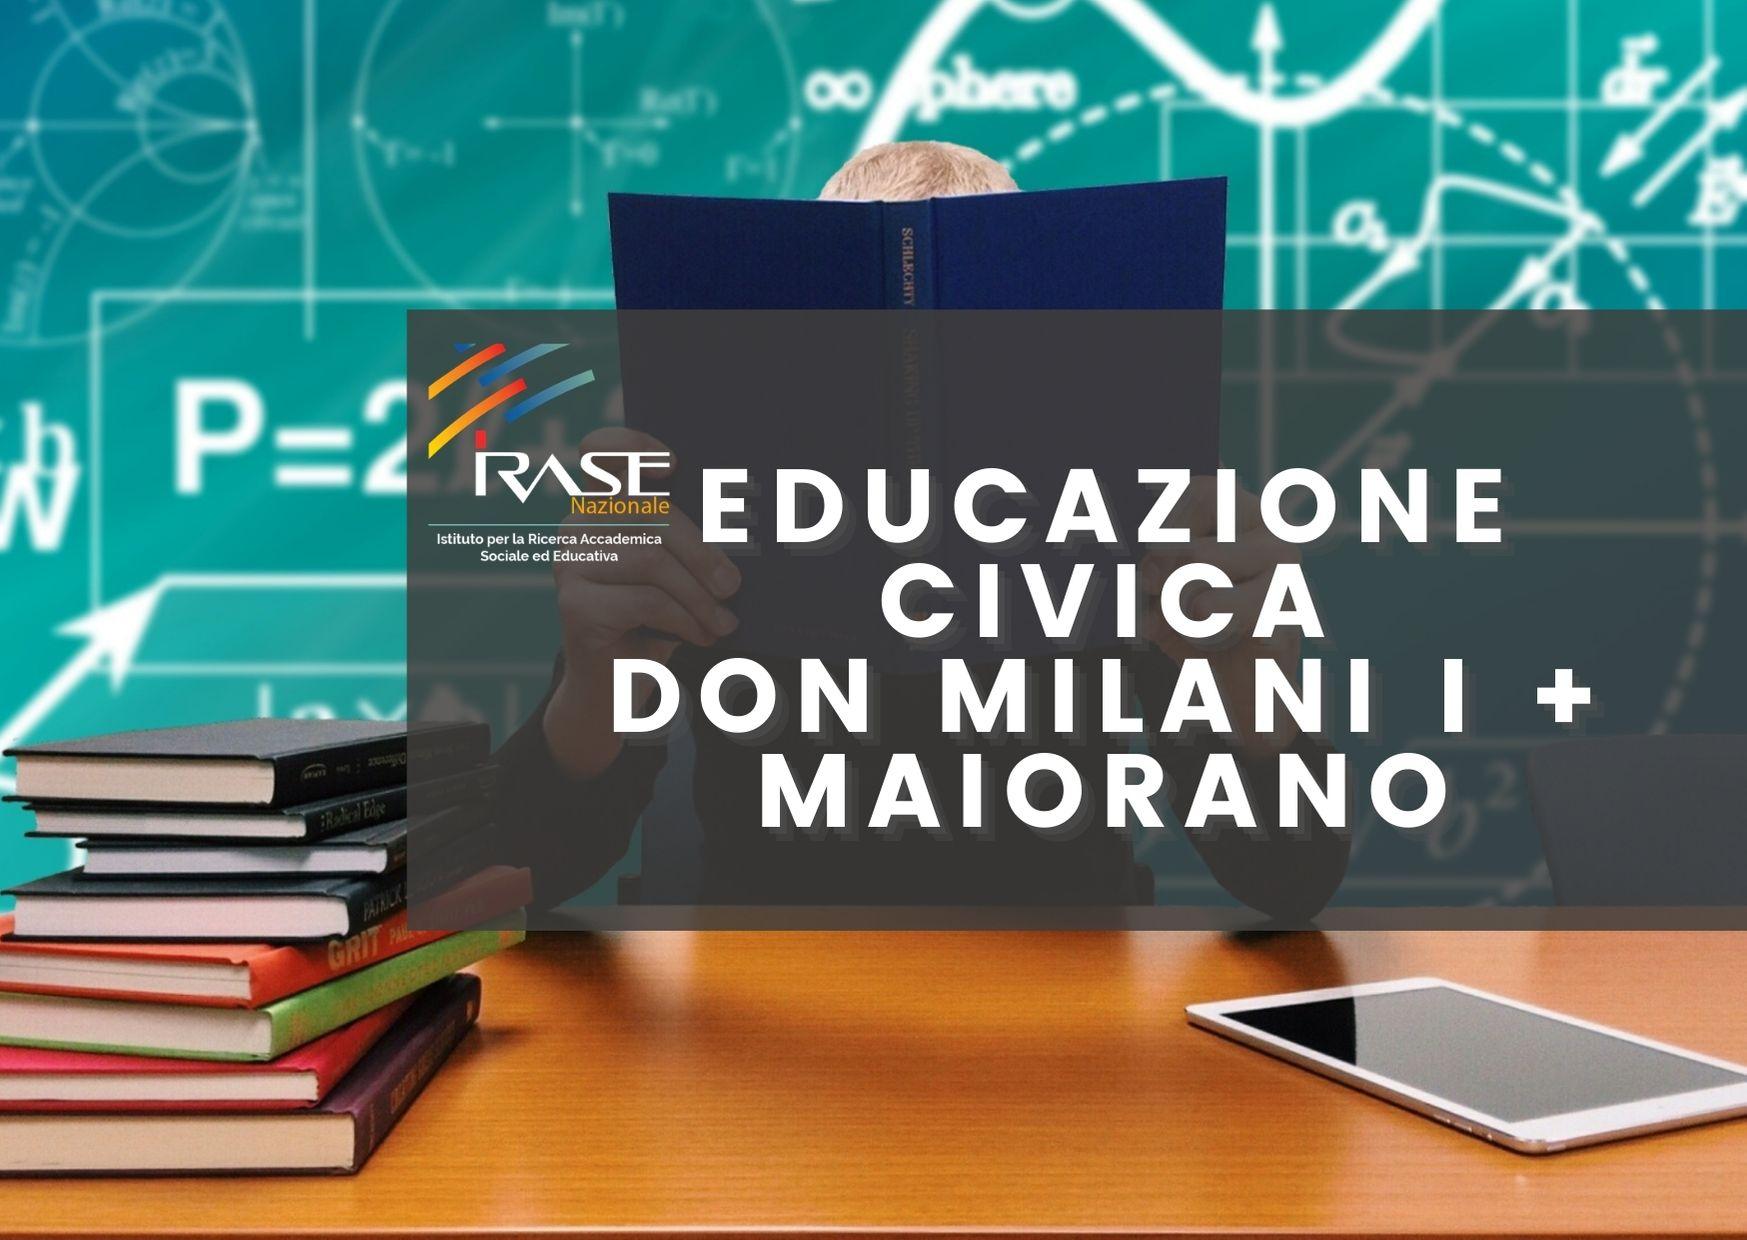 """CORSO EDUCAZIONE CIVICA IC """"DON MILANI UNO + MAIORANO"""" MANFREDONIA"""